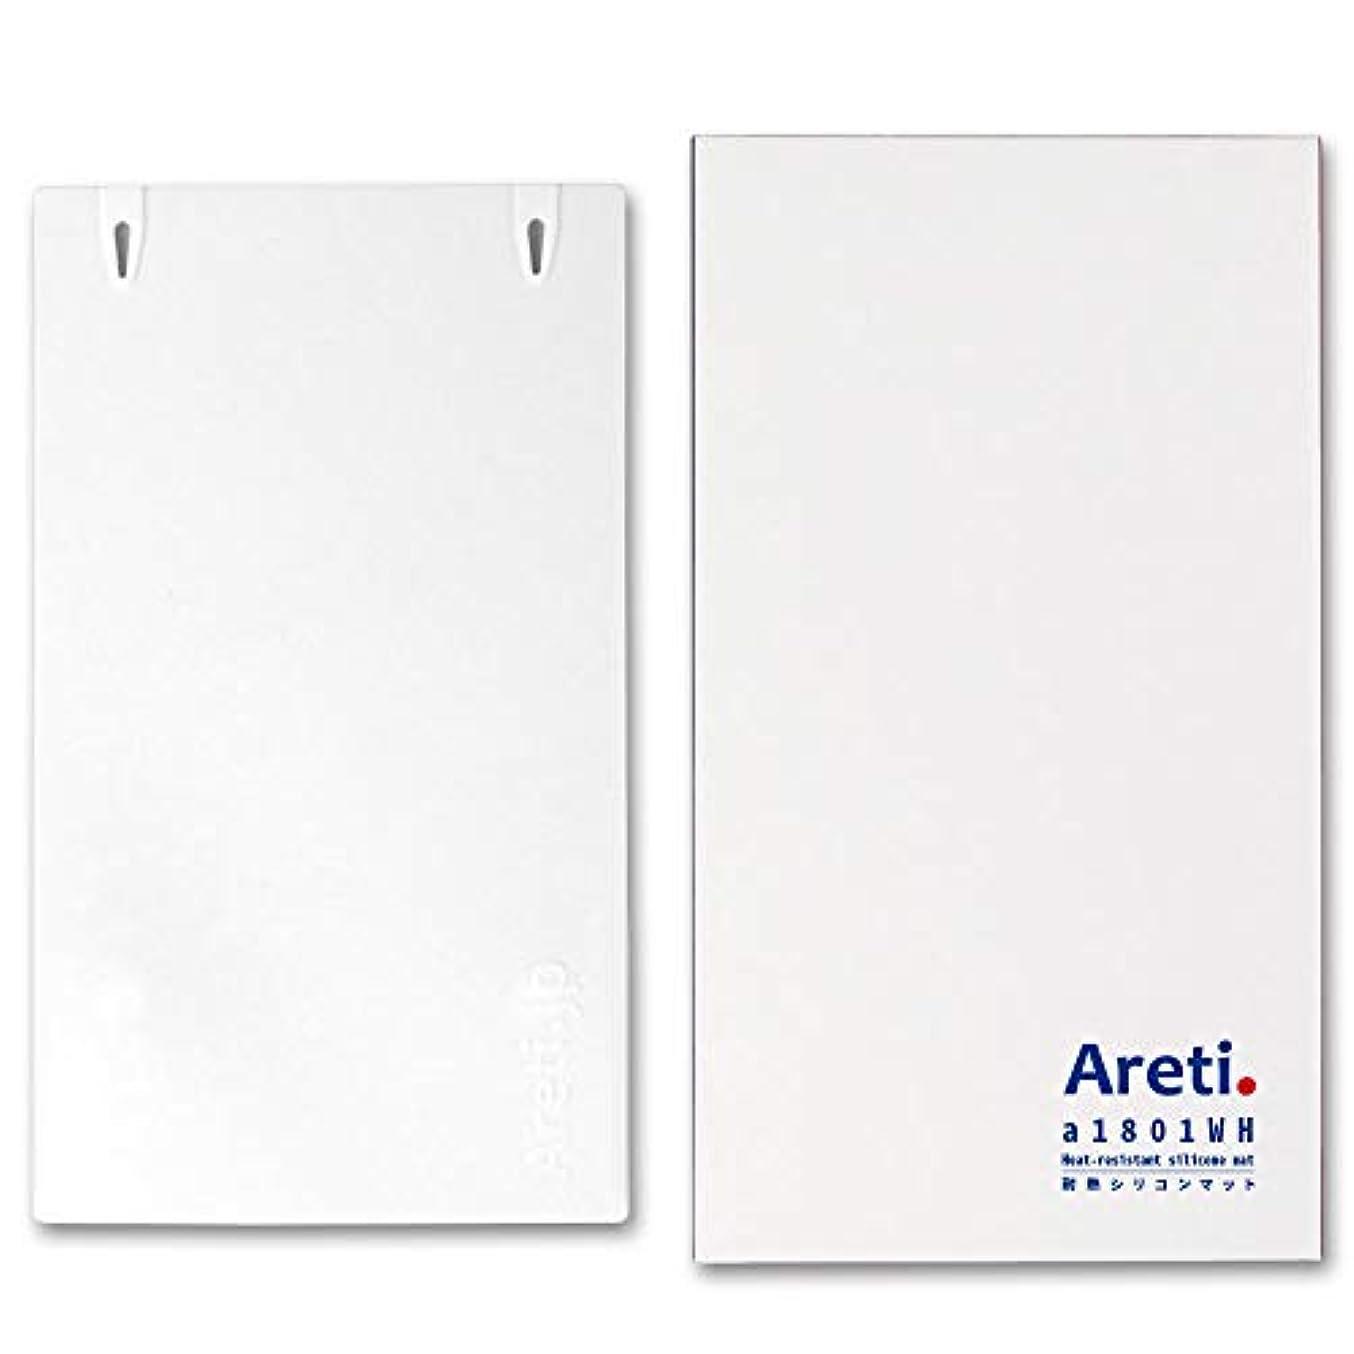 人類毎日平等Areti【日本公式販売品】ヘアアイロン用 耐熱マット アイロン置き シリコン コード収納 旅行 出張 携帯 持ち運びに便利